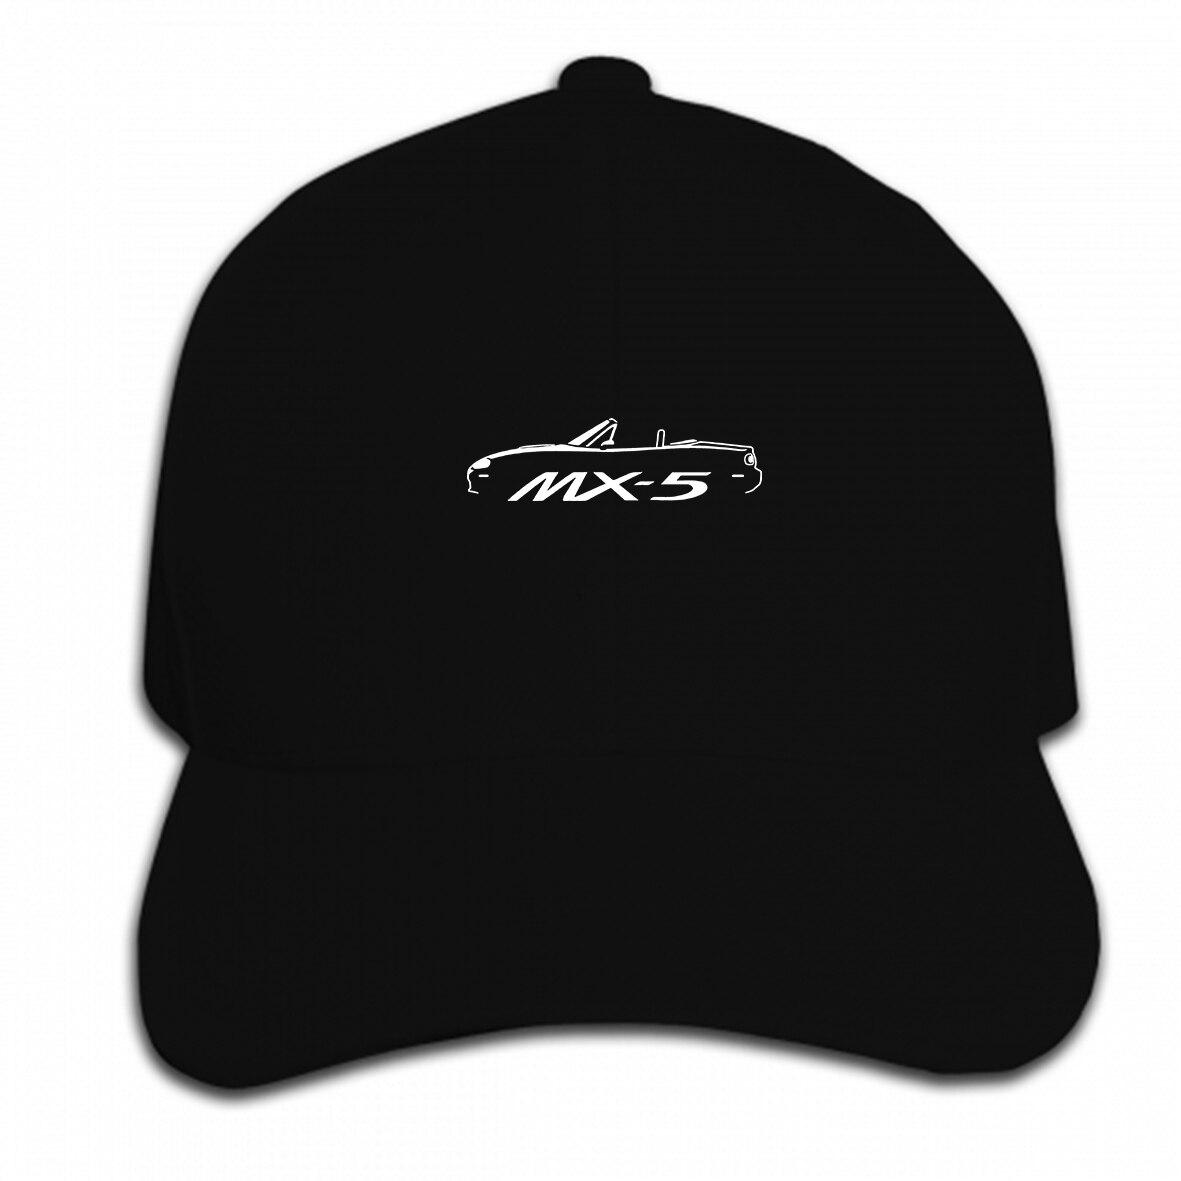 Print Custom Baseball Cap Man Mazda Mx5 Inspired Car Graphic Hat Peaked Cap